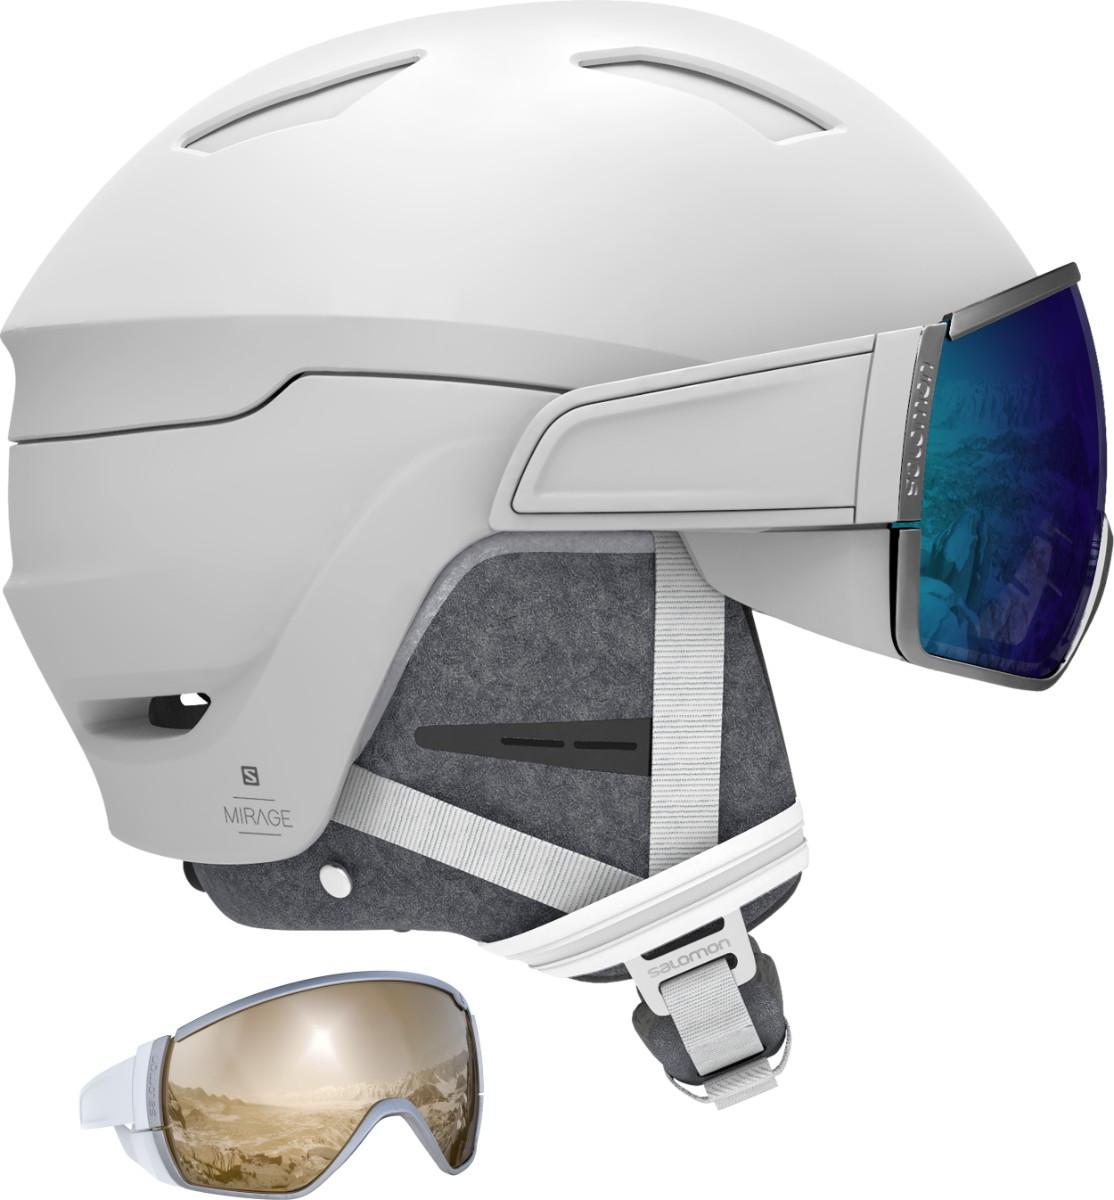 dámská lyžařská helma Salomon Mirage CA